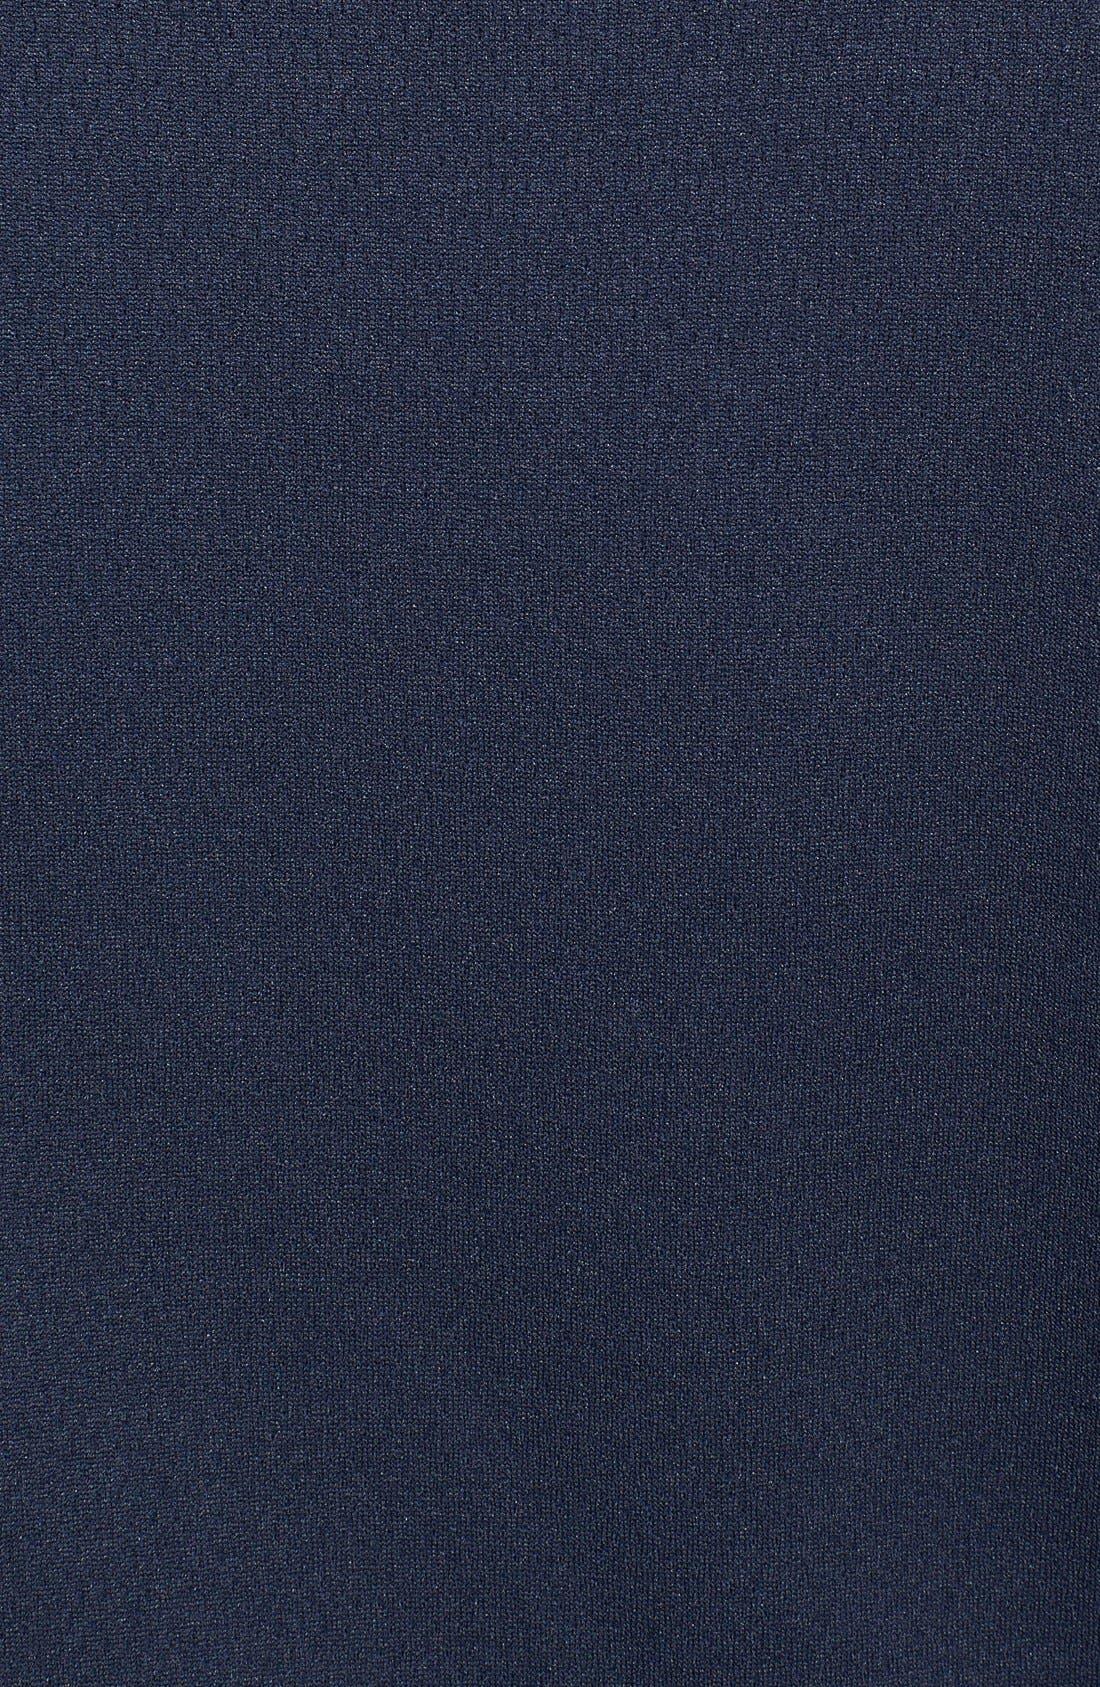 Chicago Bears - Edge DryTec Moisture Wicking Half Zip Pullover,                             Alternate thumbnail 3, color,